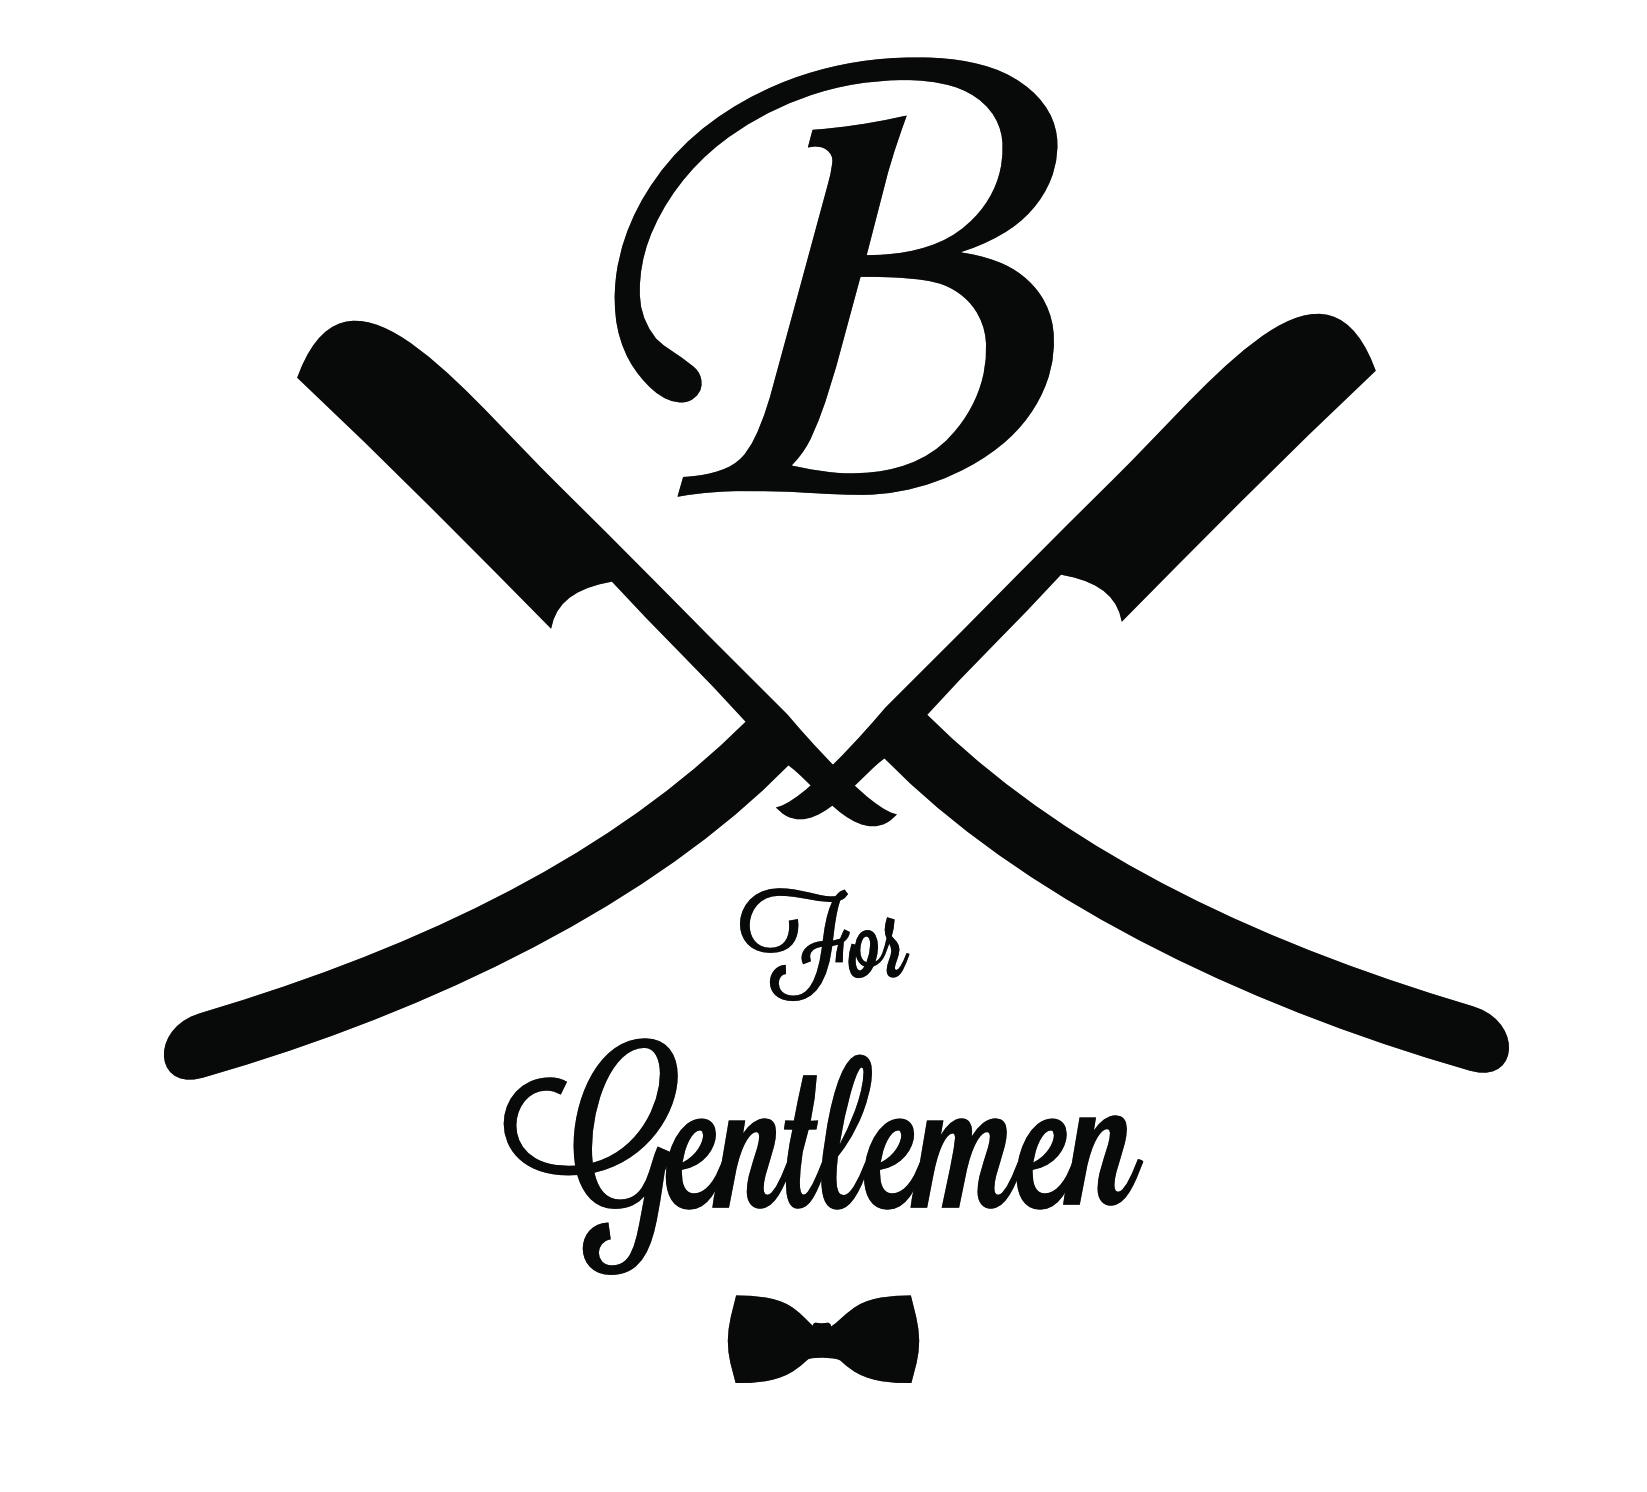 B - For Gentlemen